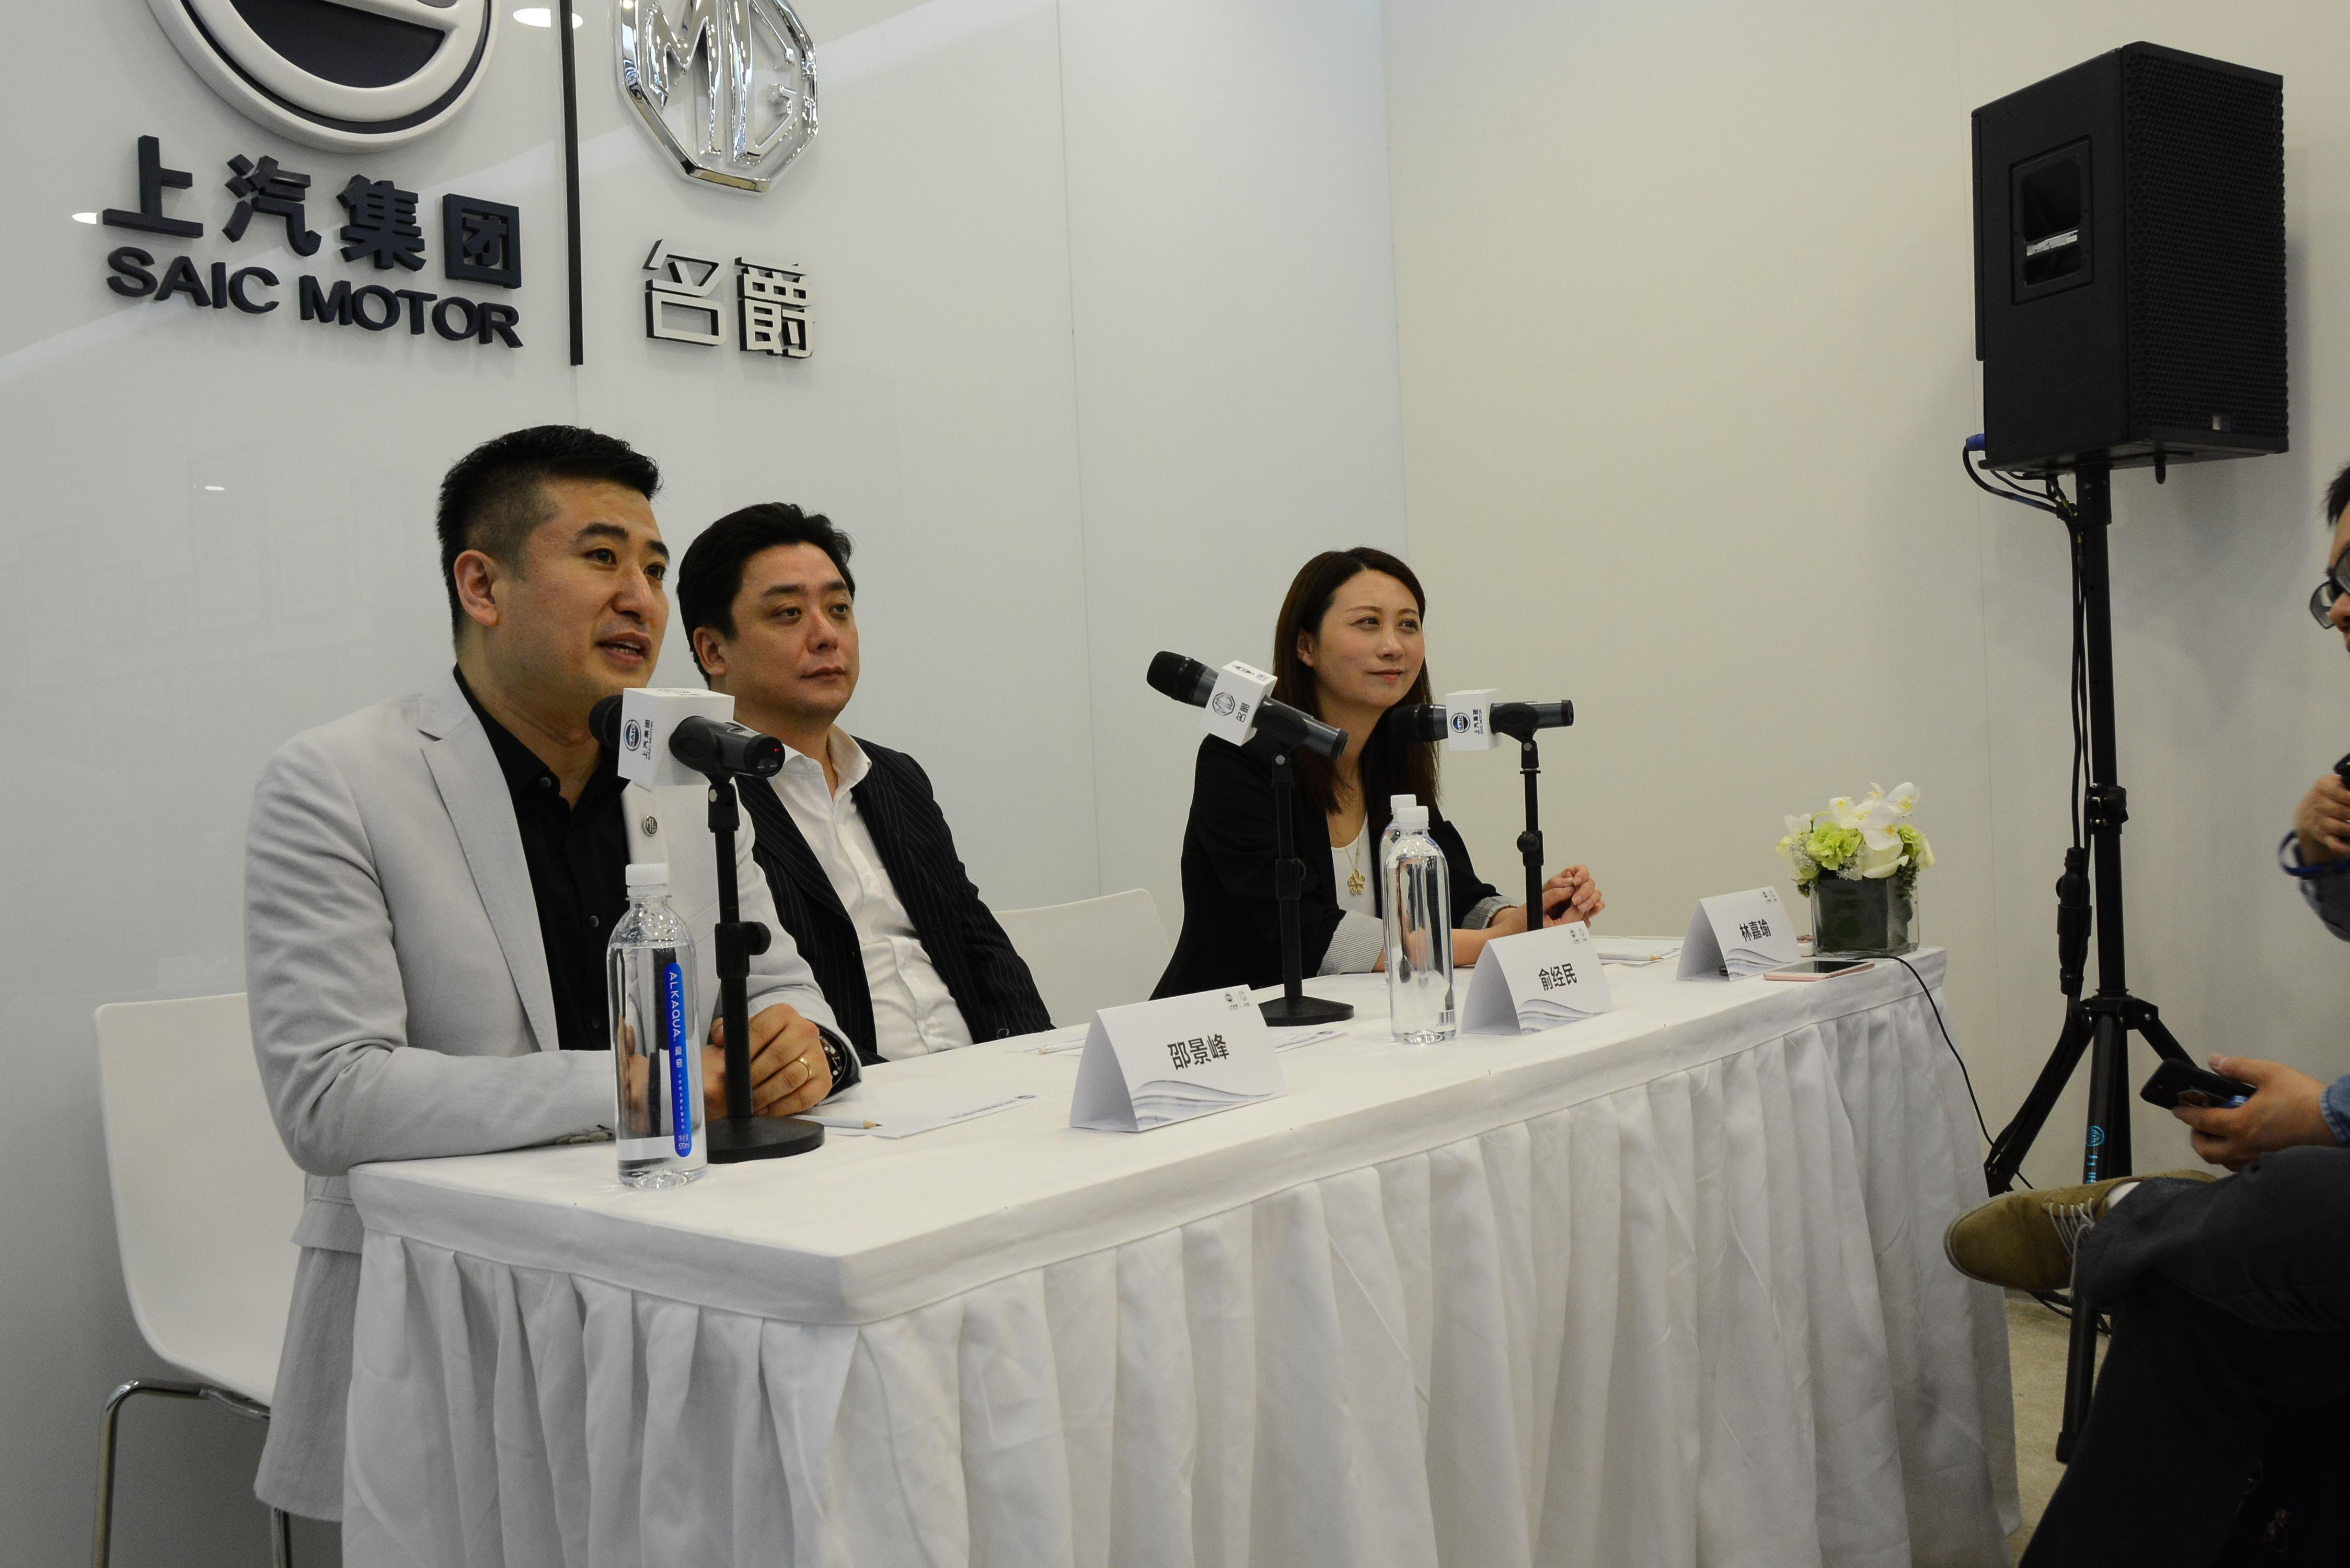 上海车展名爵设计专访 名爵的未来设计之路